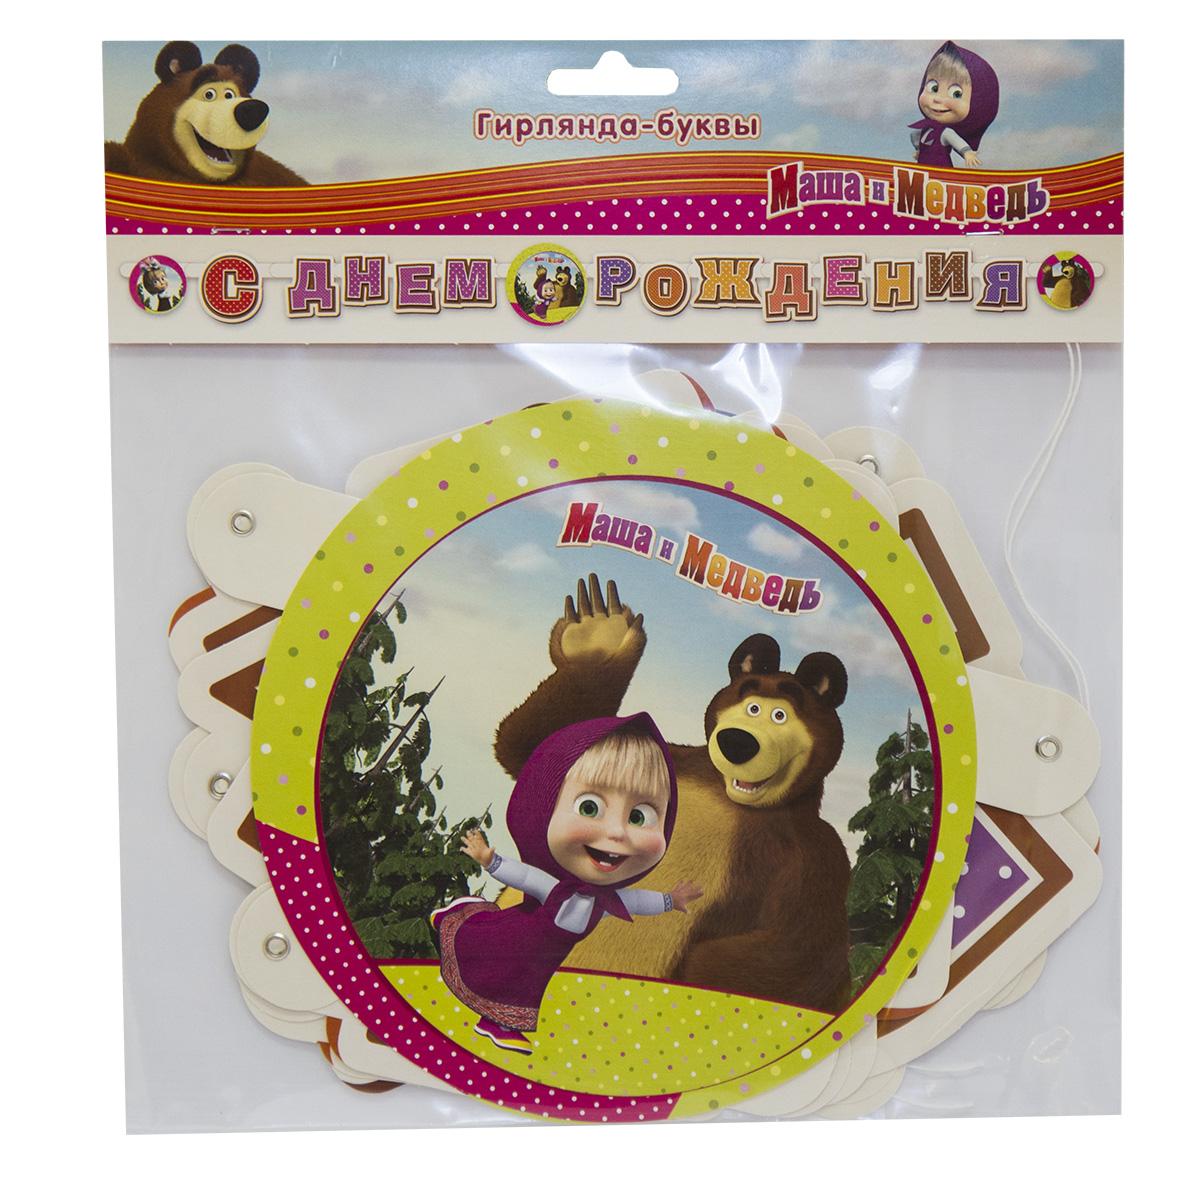 Маша и Медведь Гирлянда-буквы С днем рождения